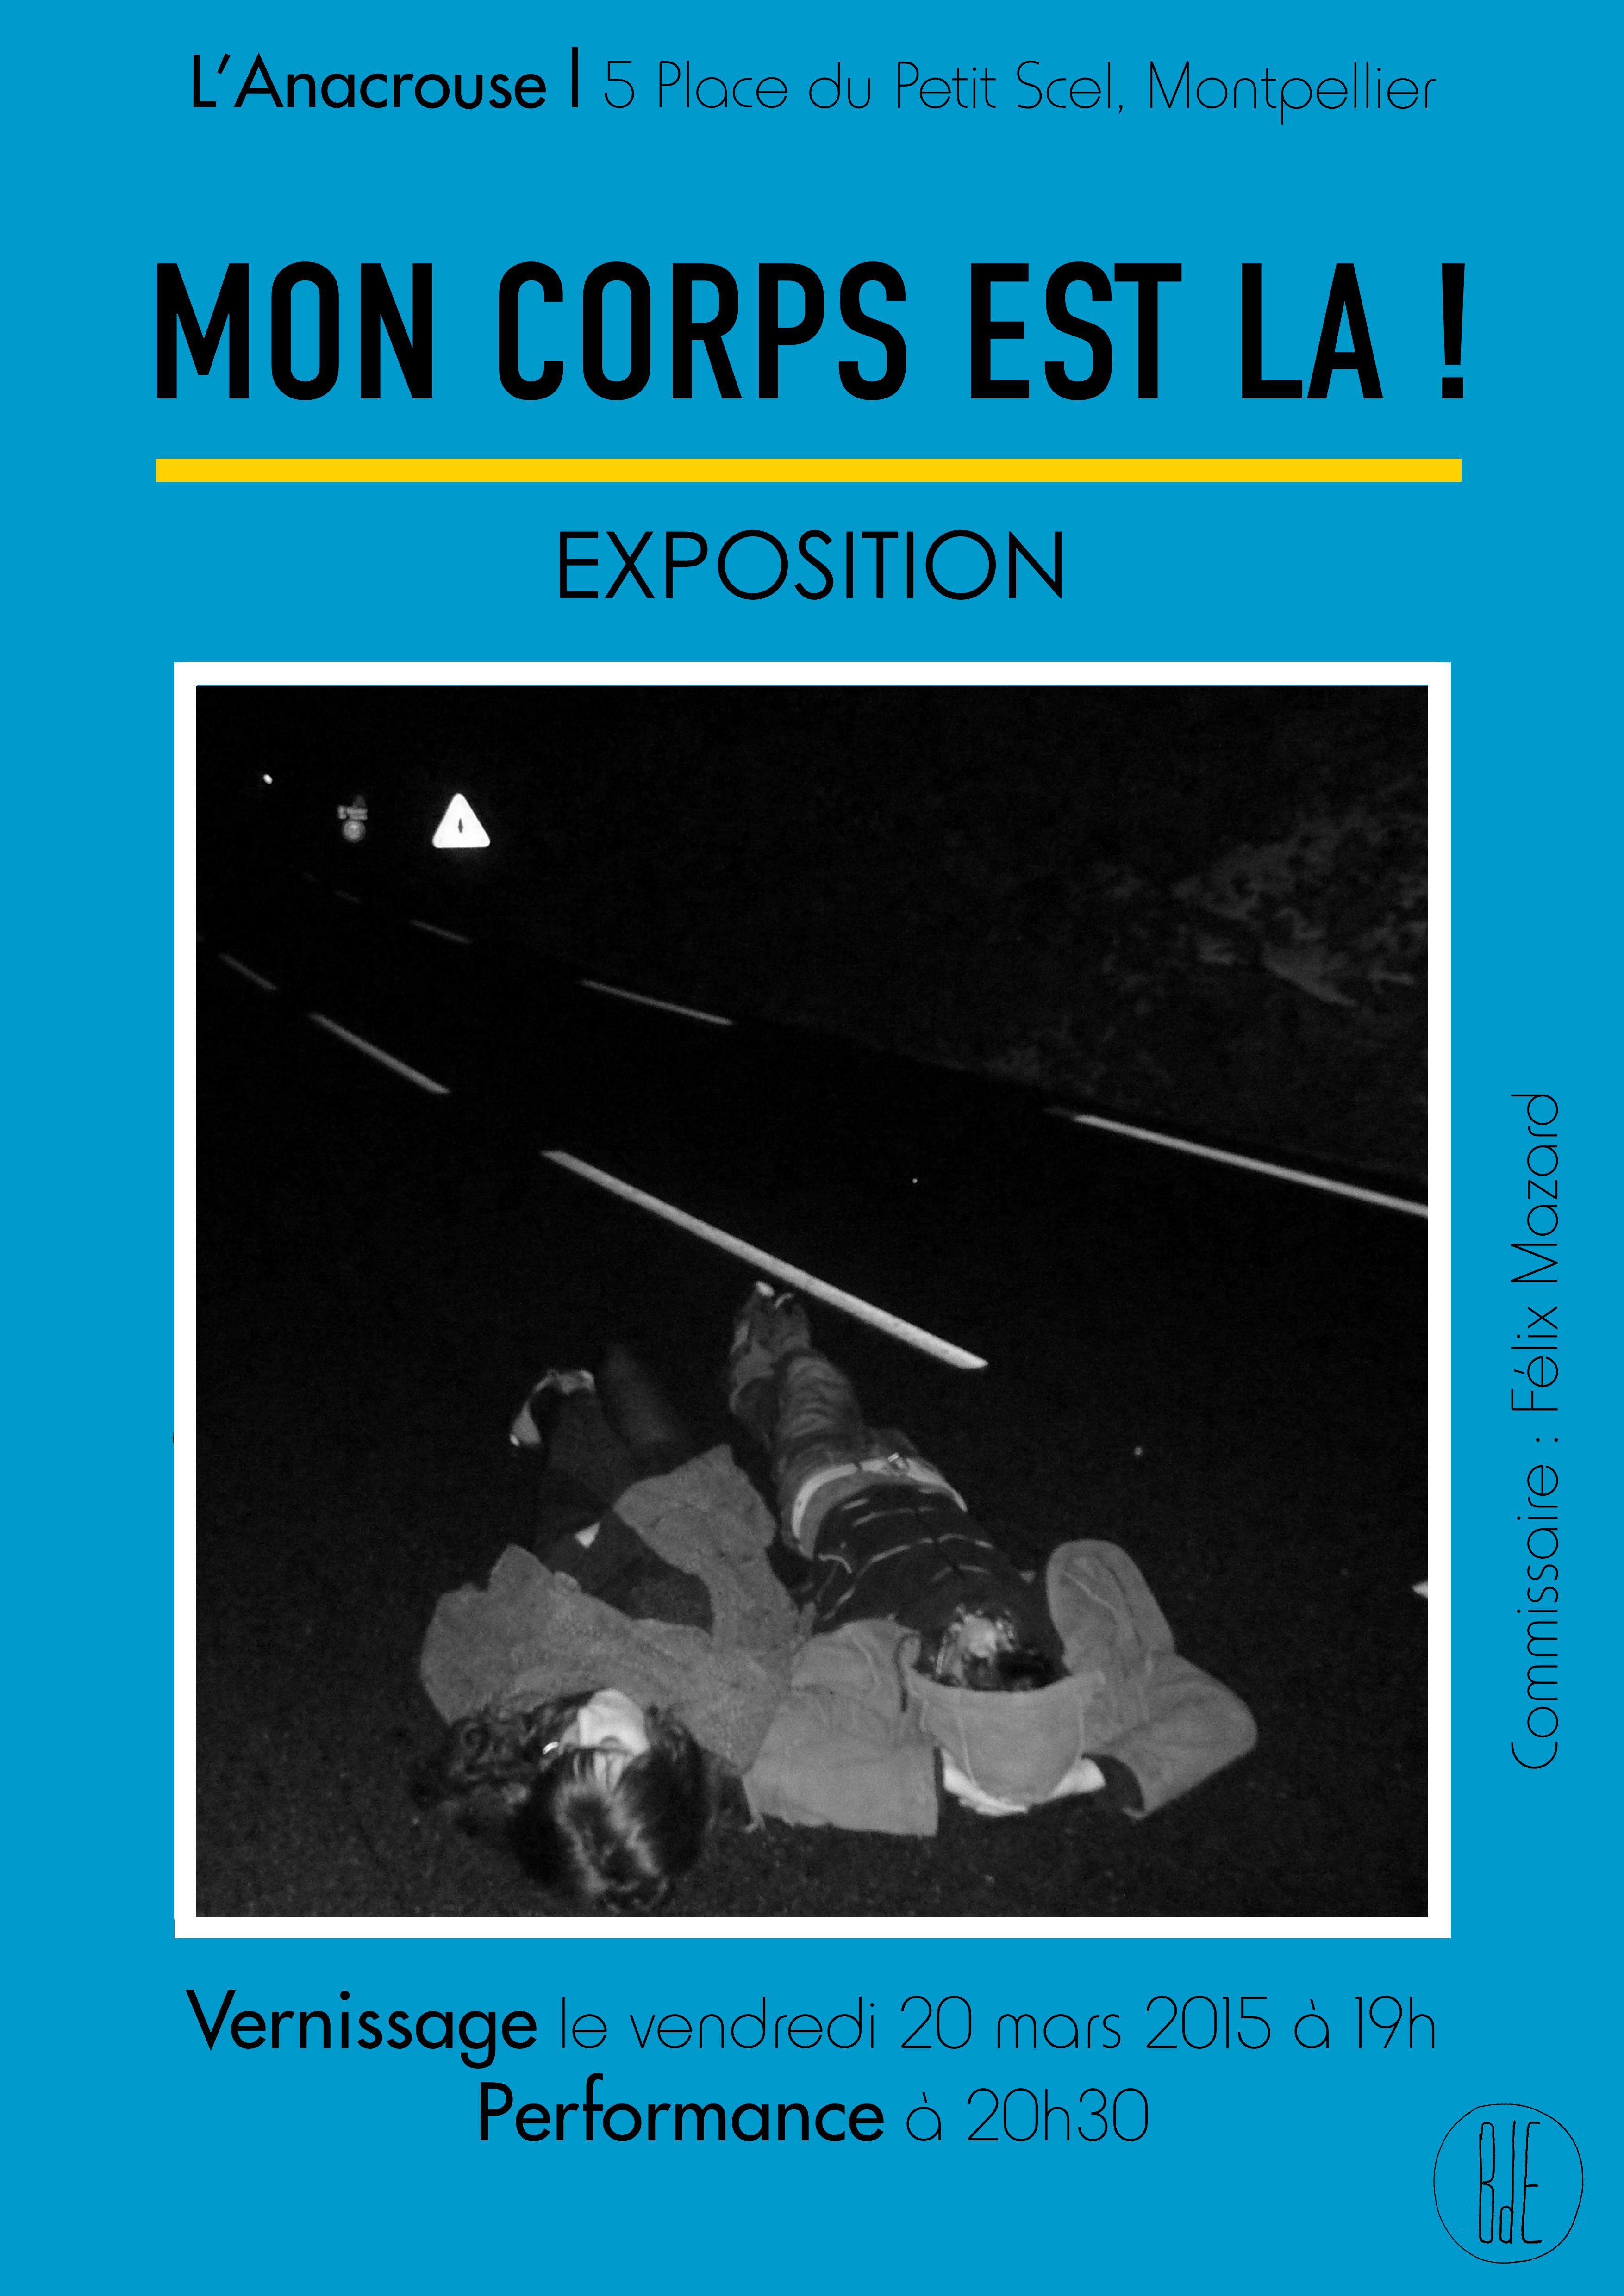 Expo Mon corps est là ! vernissage le 20 mars 2015